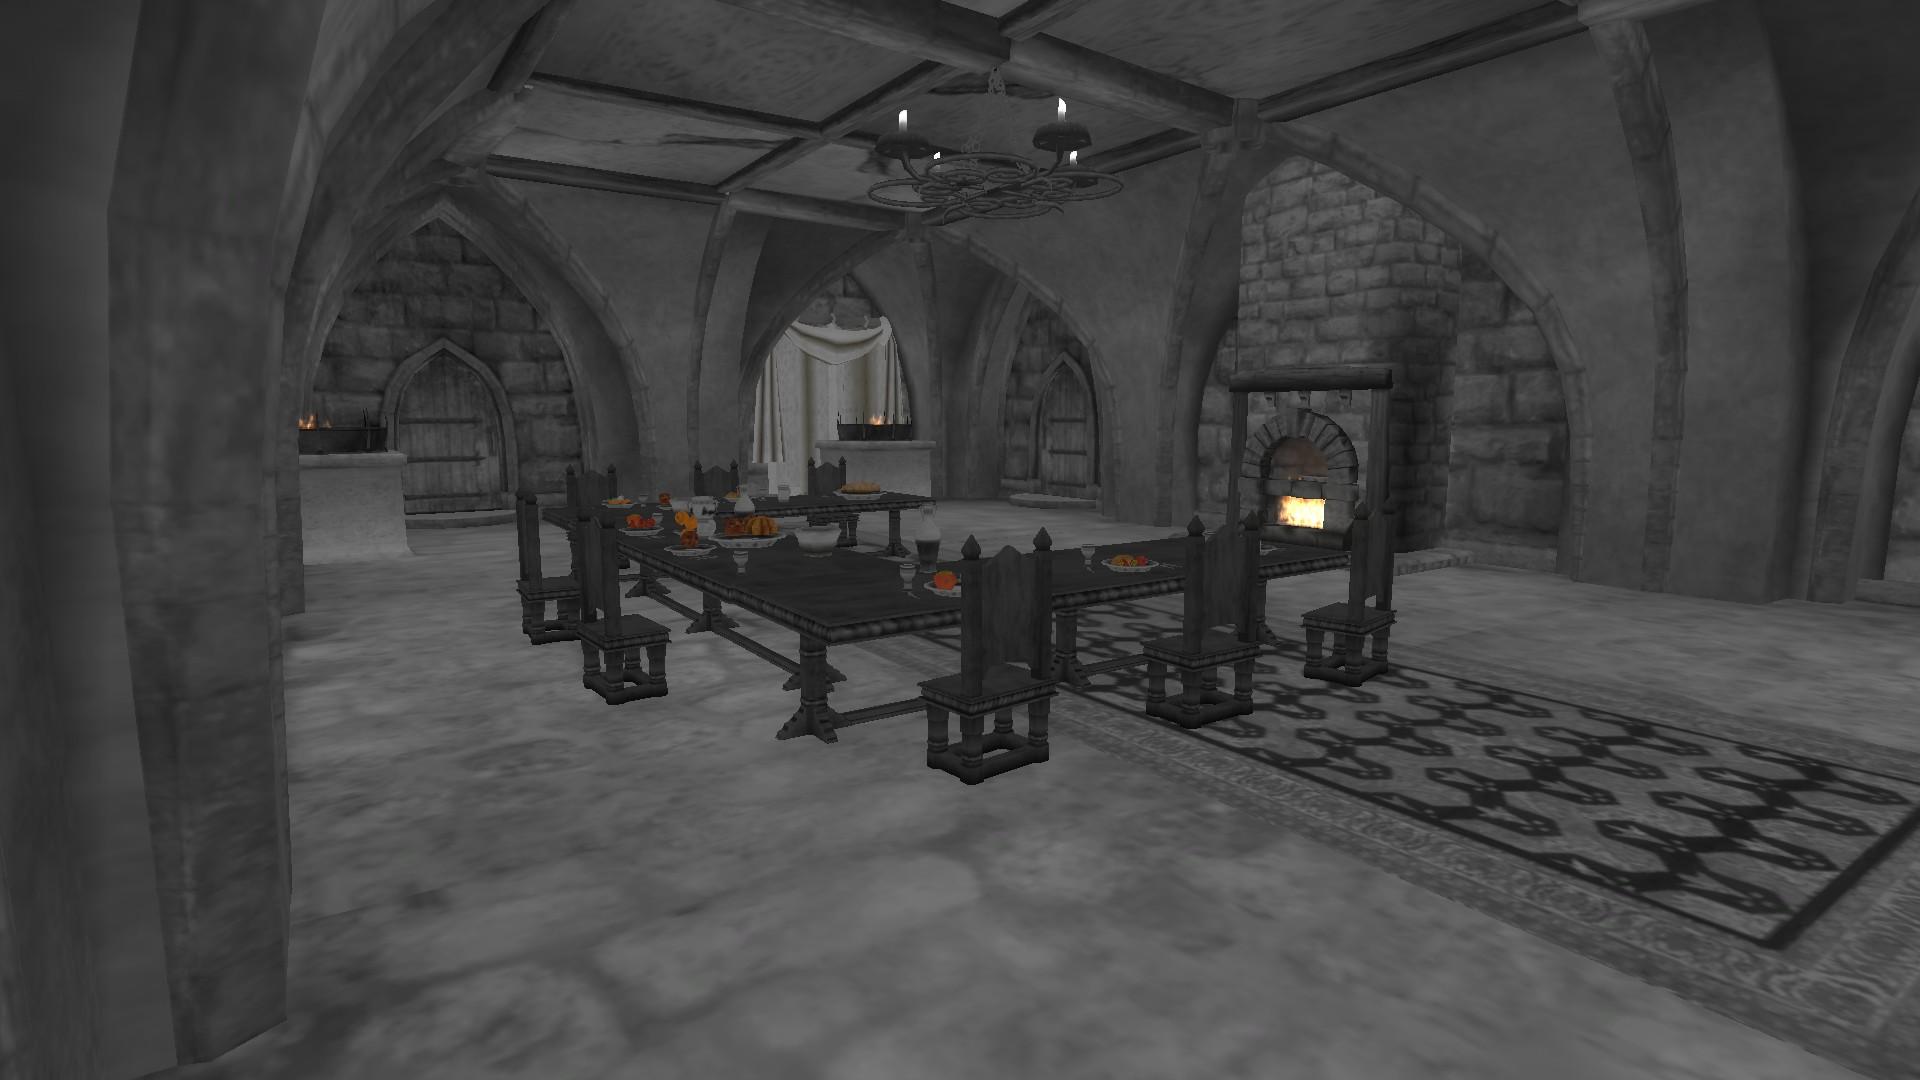 Oblivion Mod: Malevolent – Game and Mod Reviews